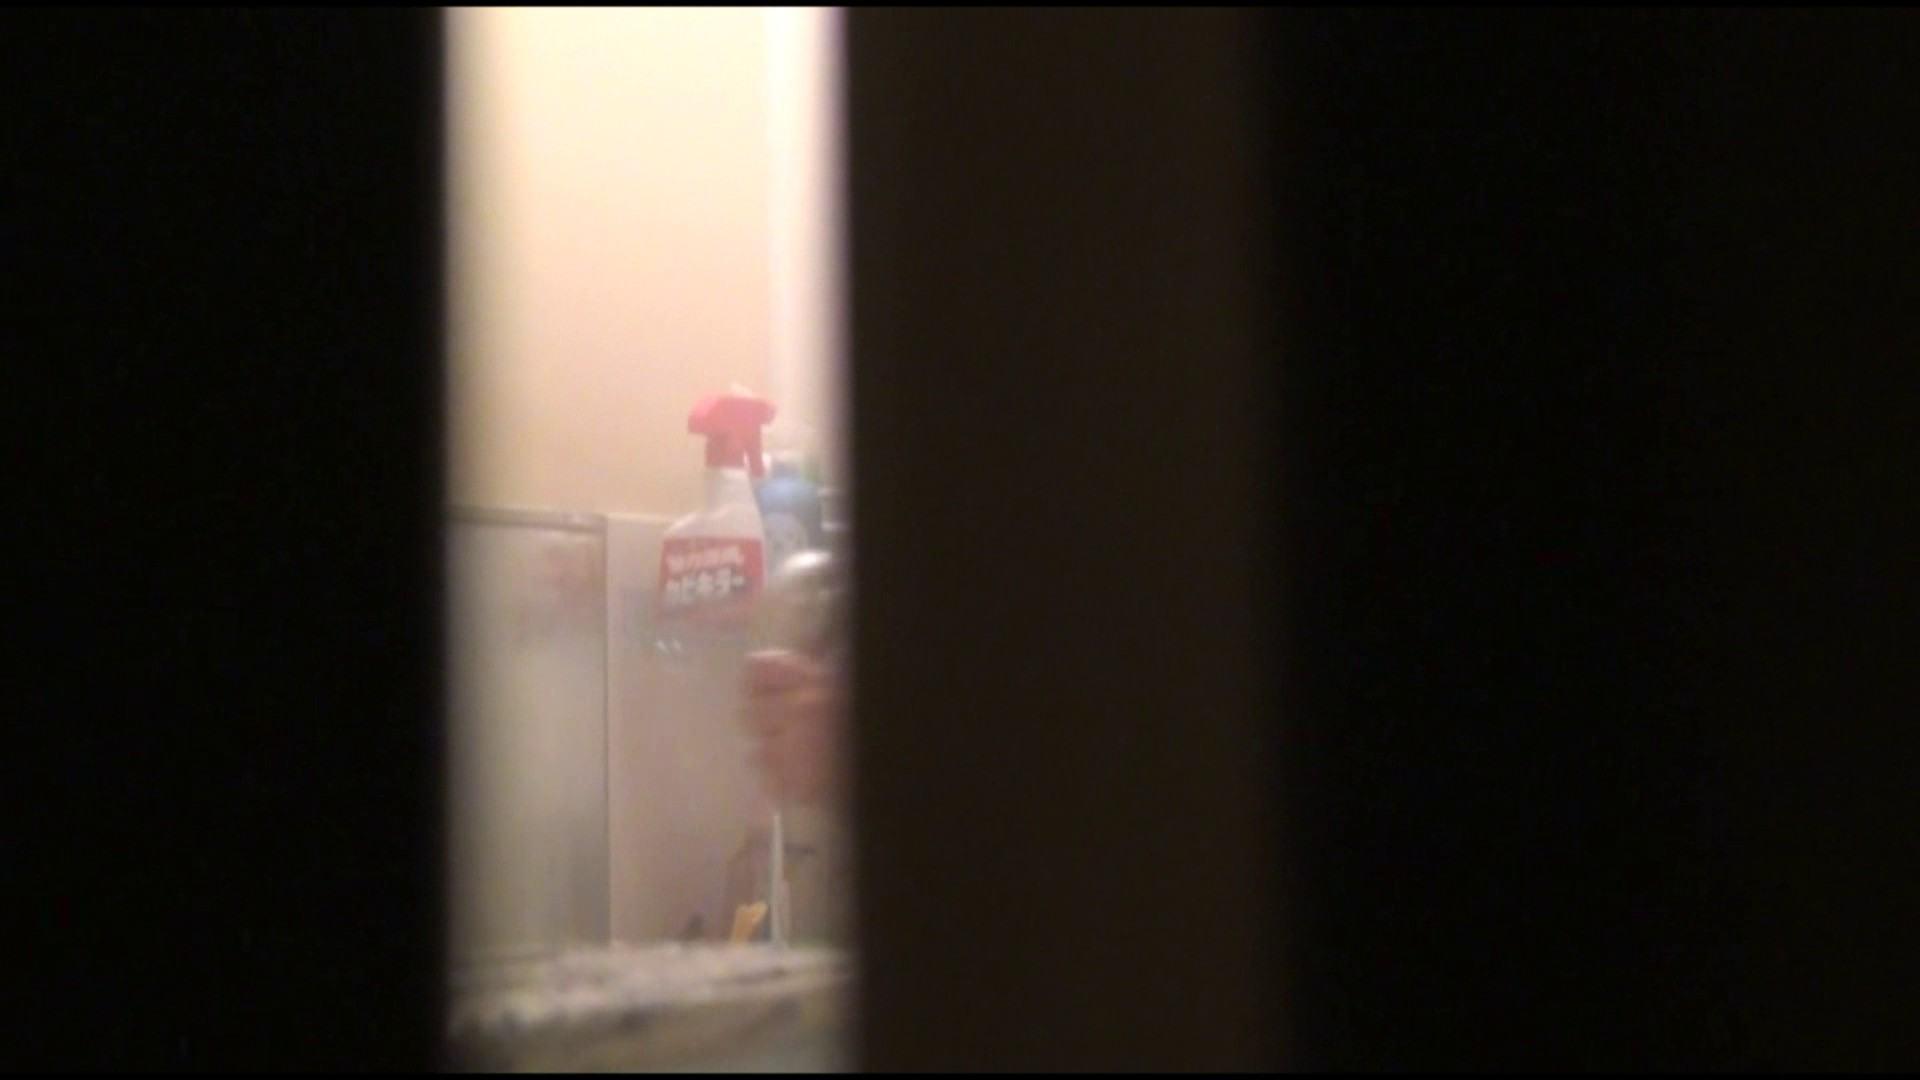 vol.08最高のパイラインを流れるシャワーの水が極上嬢をさらに引き立てます! 民家 すけべAV動画紹介 78画像 69